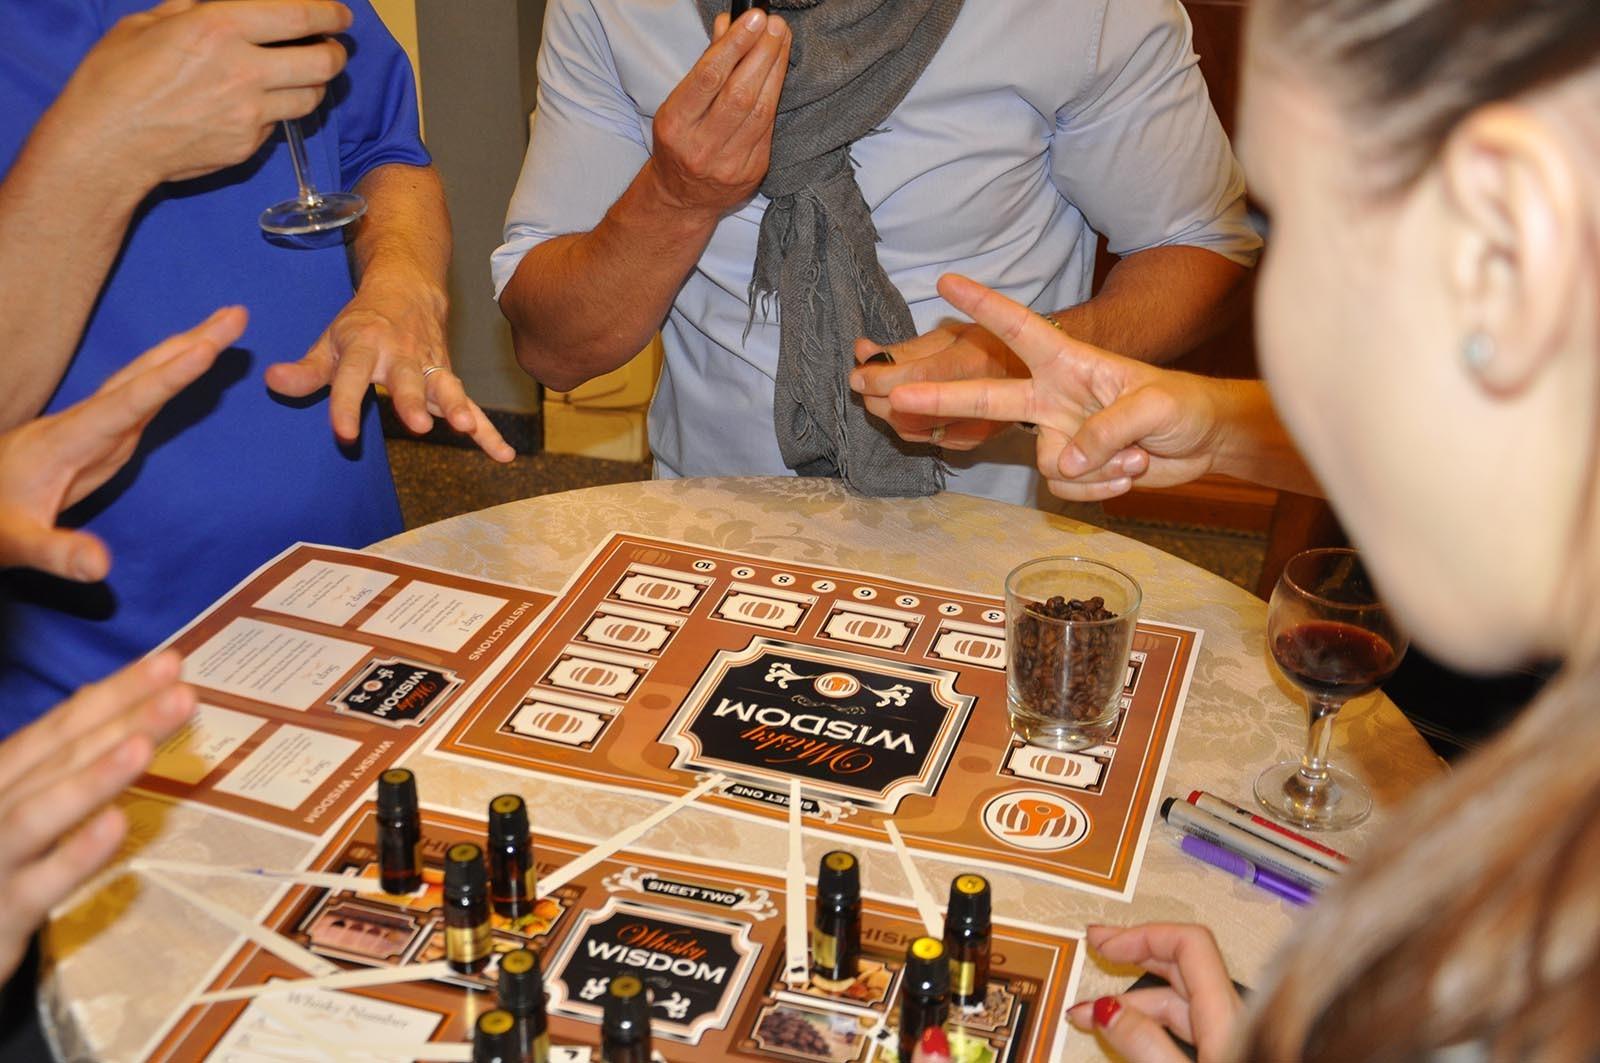 Teamy se snazi rozpoznat a urcit jednotlive slozky whisky pri hre Whisky Wisdom